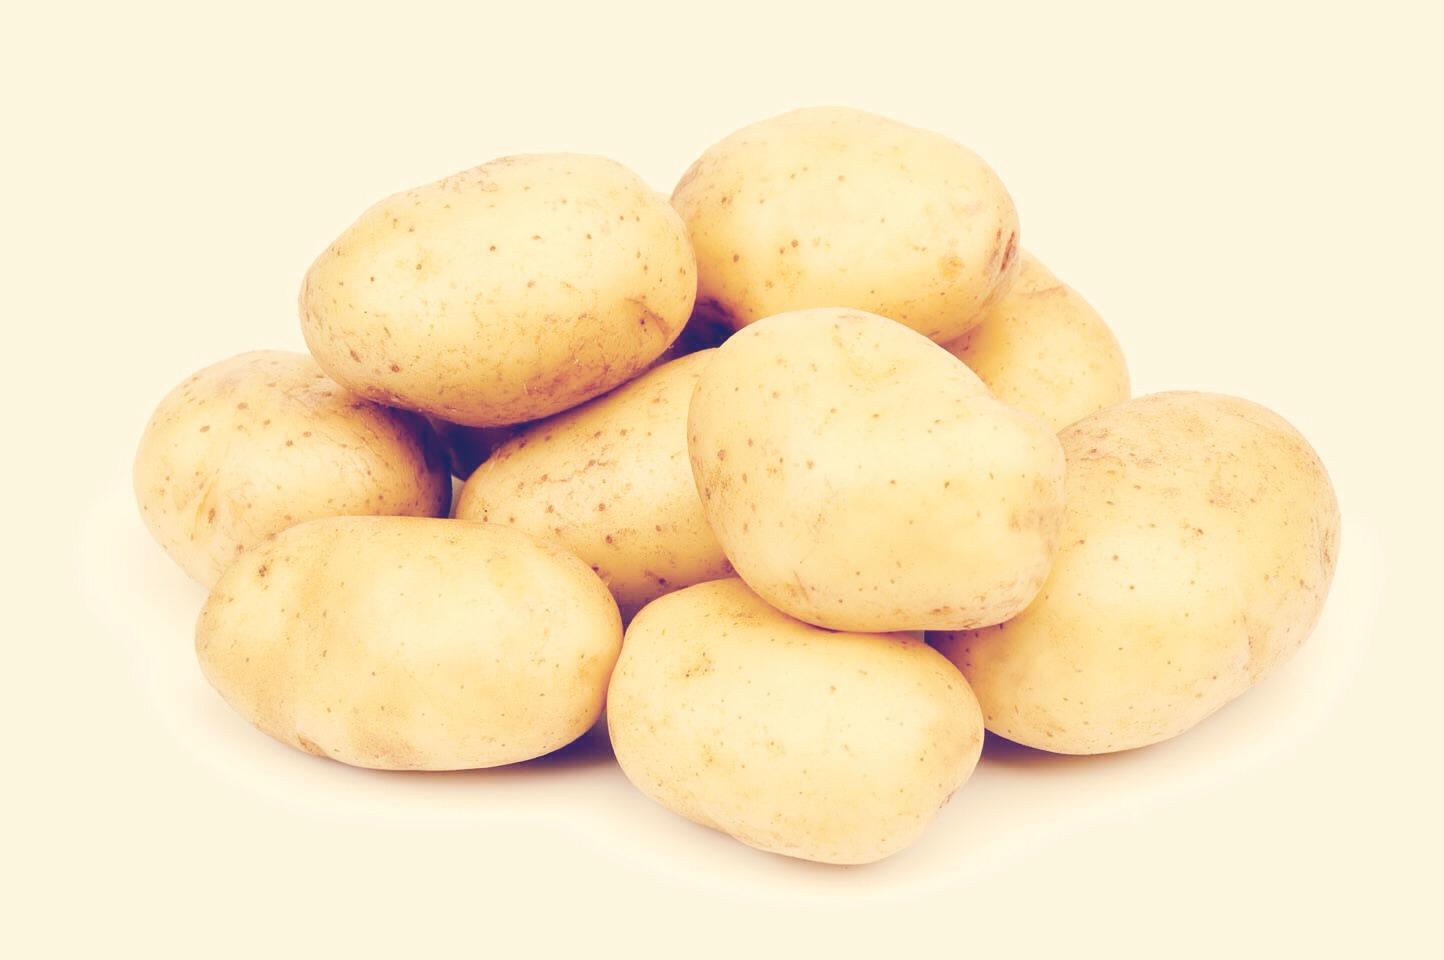 Boil Potatoes Baby Food